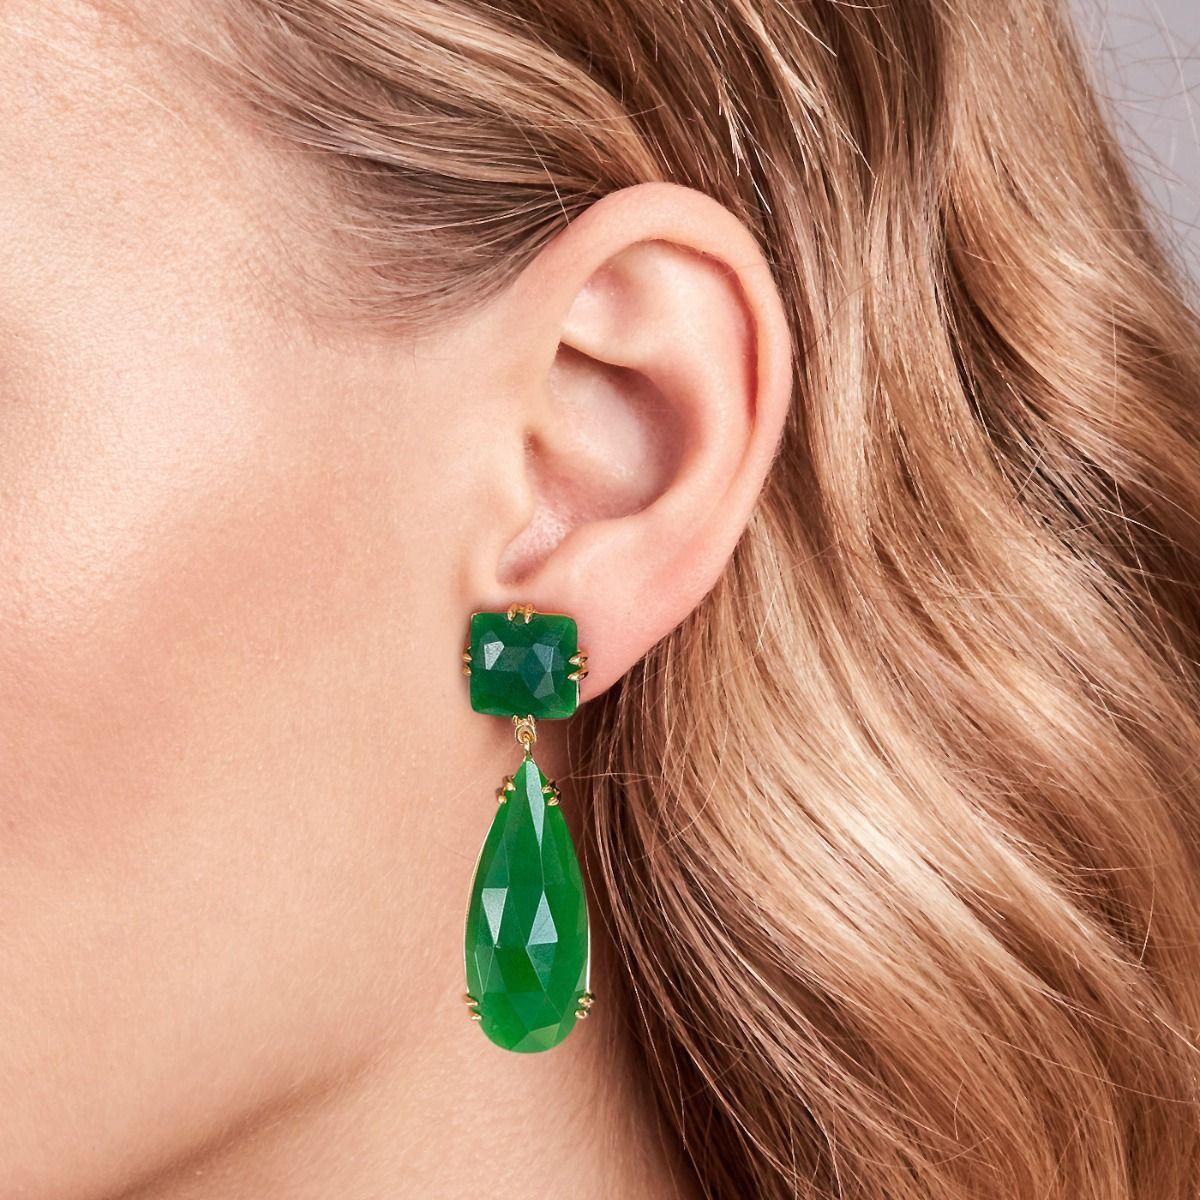 Pendientes de jade verde. / Foto: Rabat